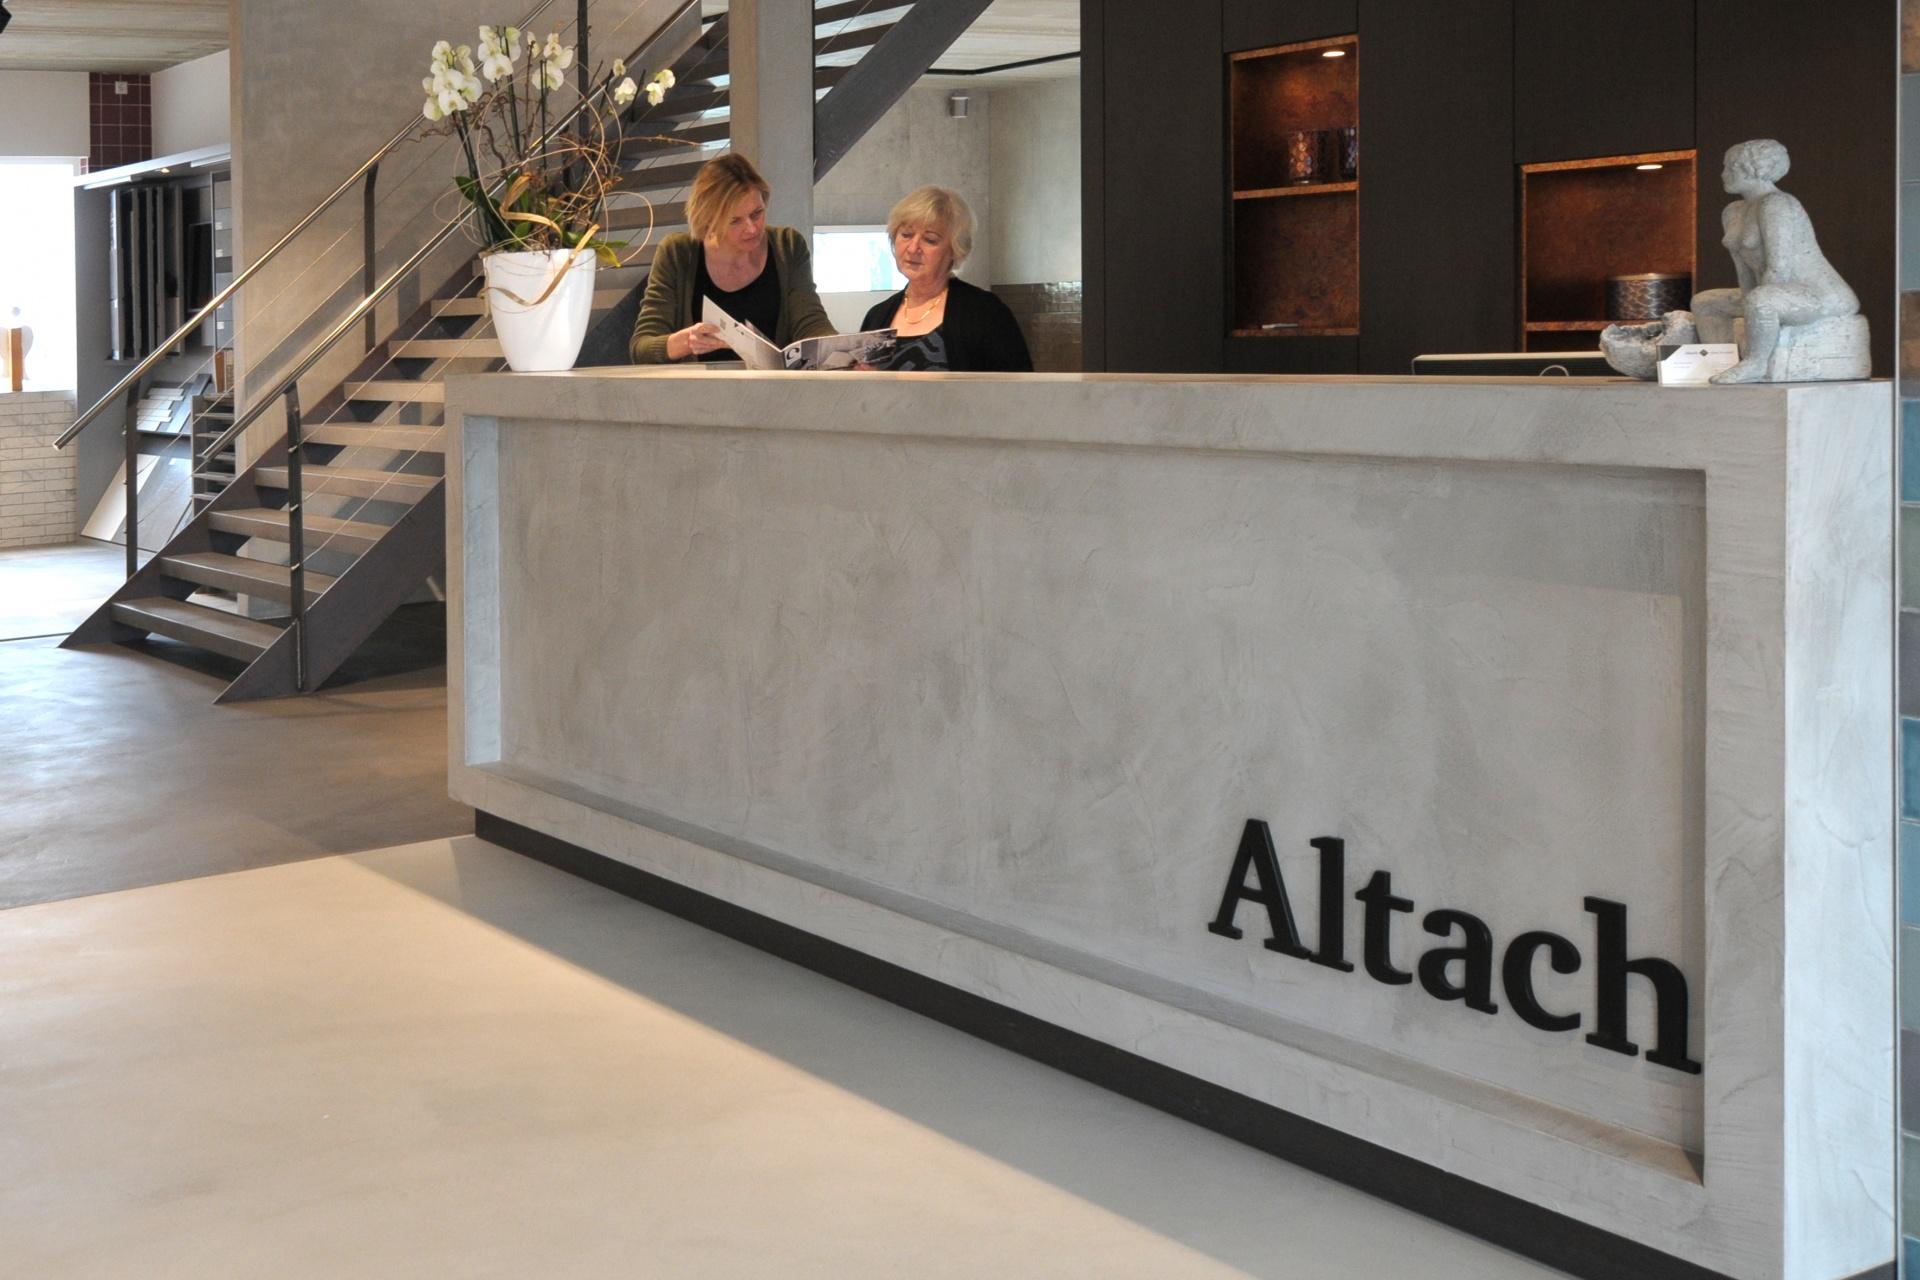 Altach vloer & wand showroom gietvloeren tegels woonbeton entree receptie balie stijlbeton maatwerk handwerk karakter  meubel maat vloertegel wandtegel vt wonen piet boon tegelwerk  vakmensen Pandomo